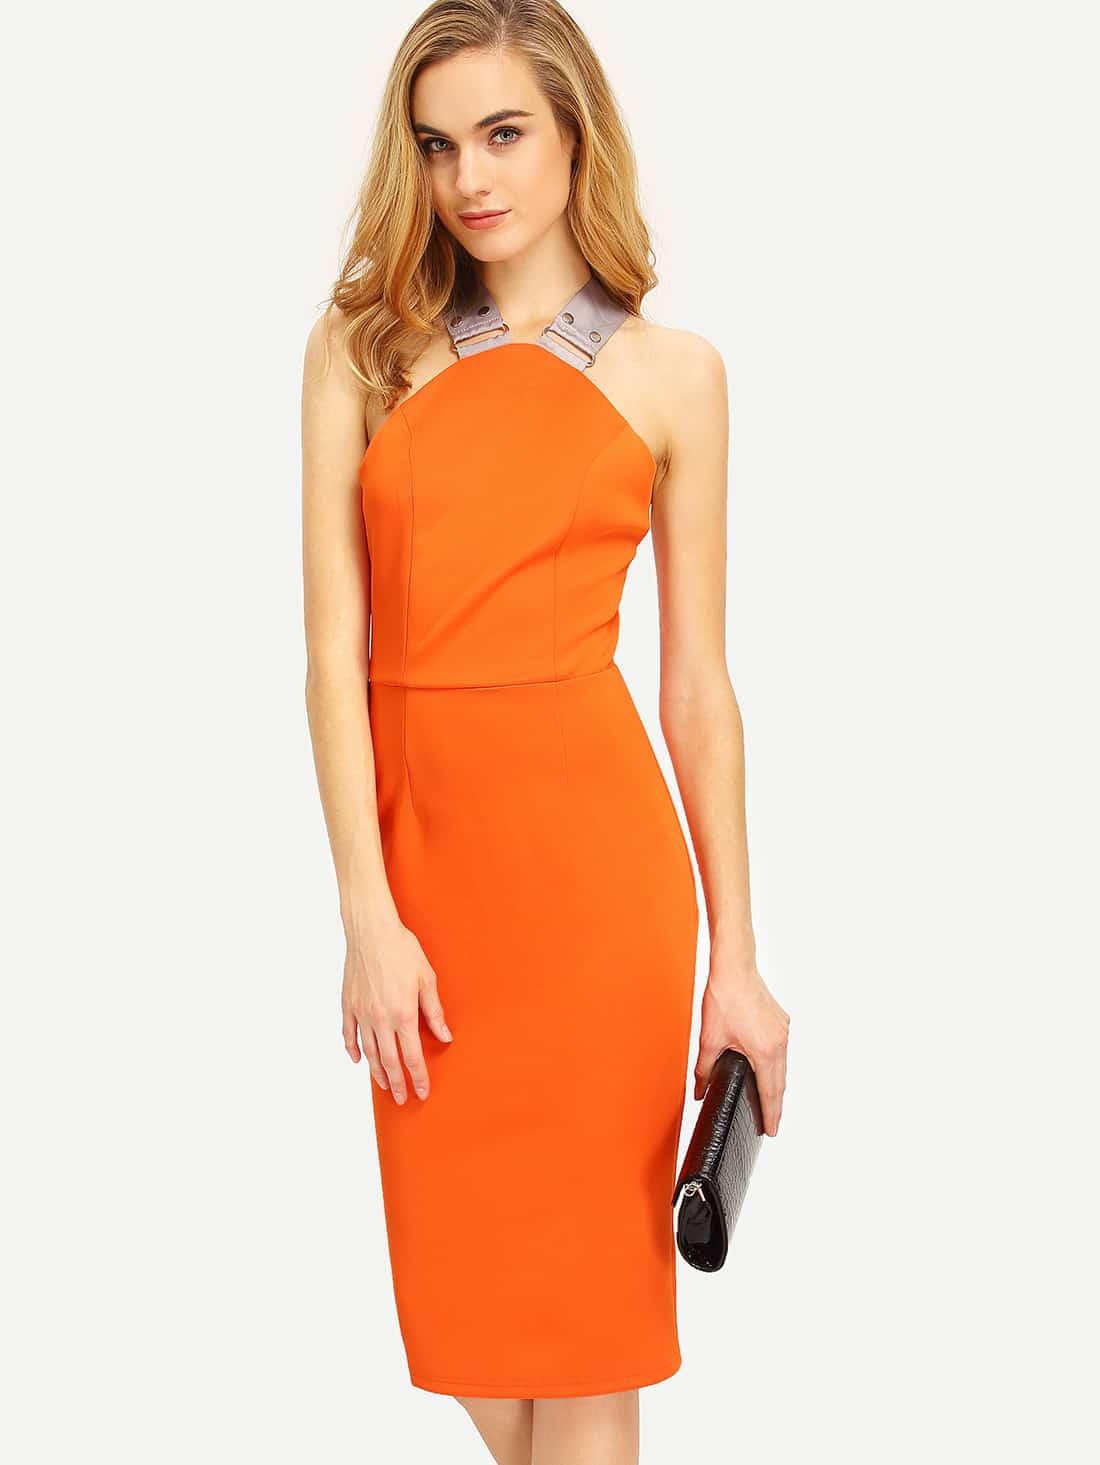 bleistift kleid r ckenfrei mit neckholder und rei verschluss orange german shein sheinside. Black Bedroom Furniture Sets. Home Design Ideas